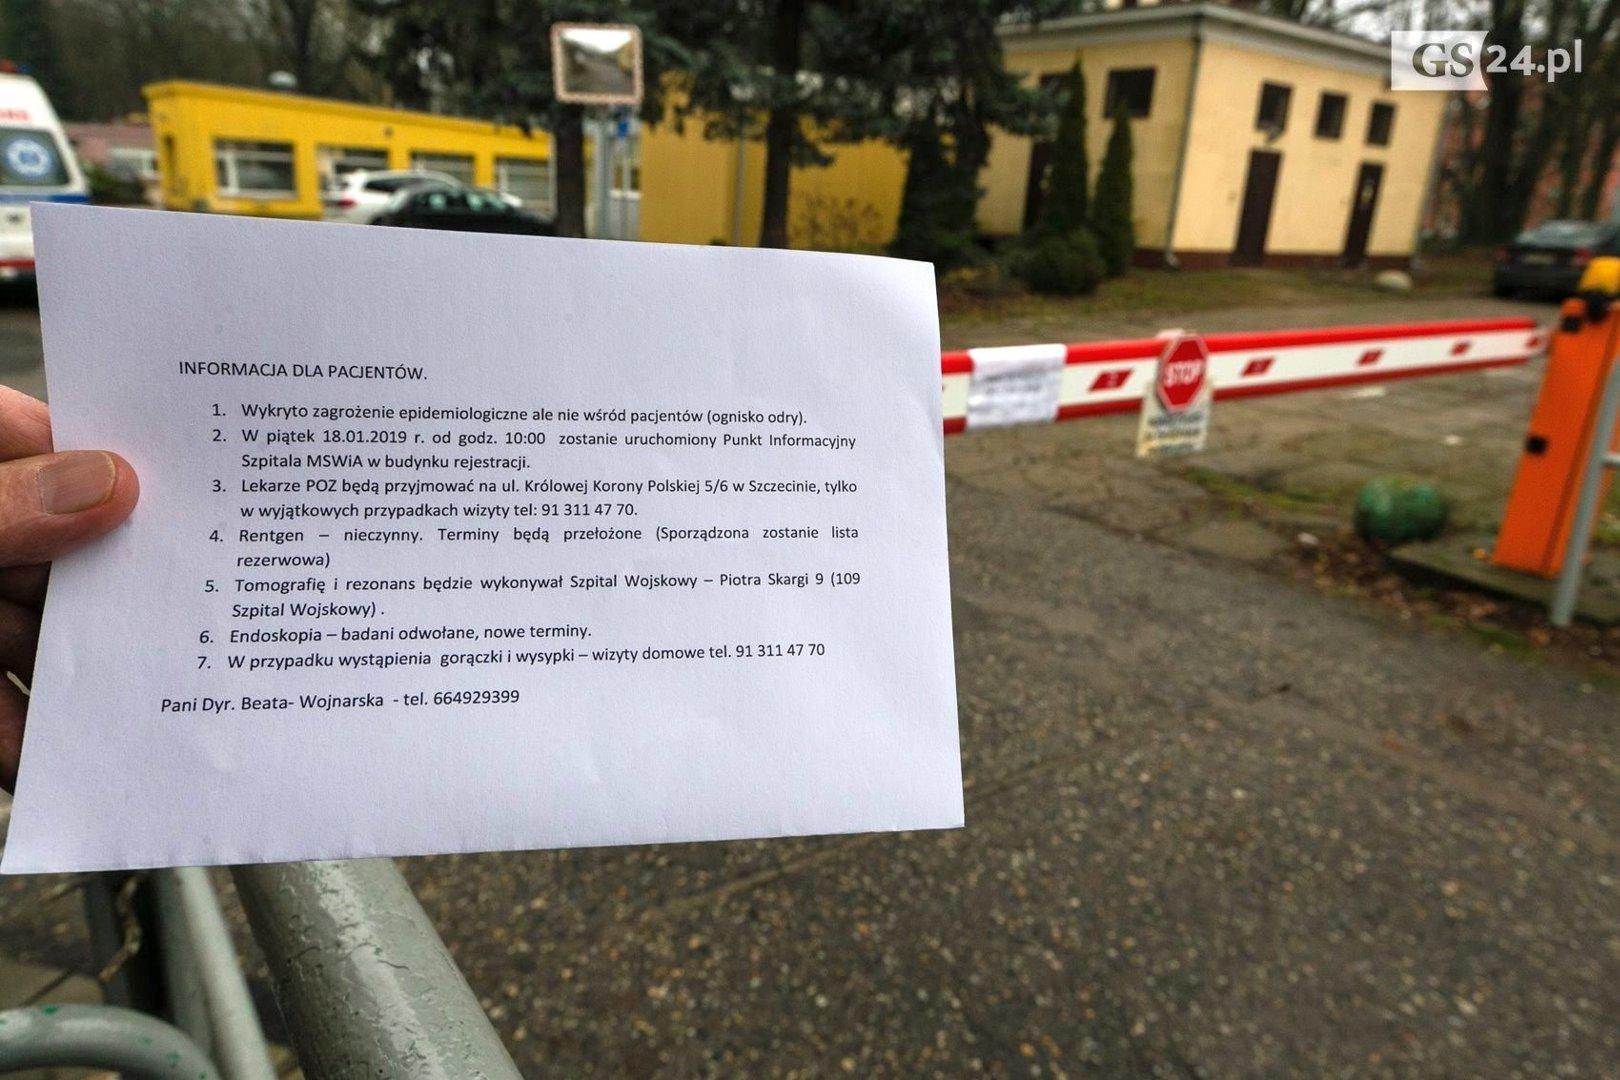 1d7329882b W szpitalu MSWiA przy ul. Jagiellońskiej w Szczecinie wprowadzono zakaz  odwiedzin po wykryciu ogniska odry